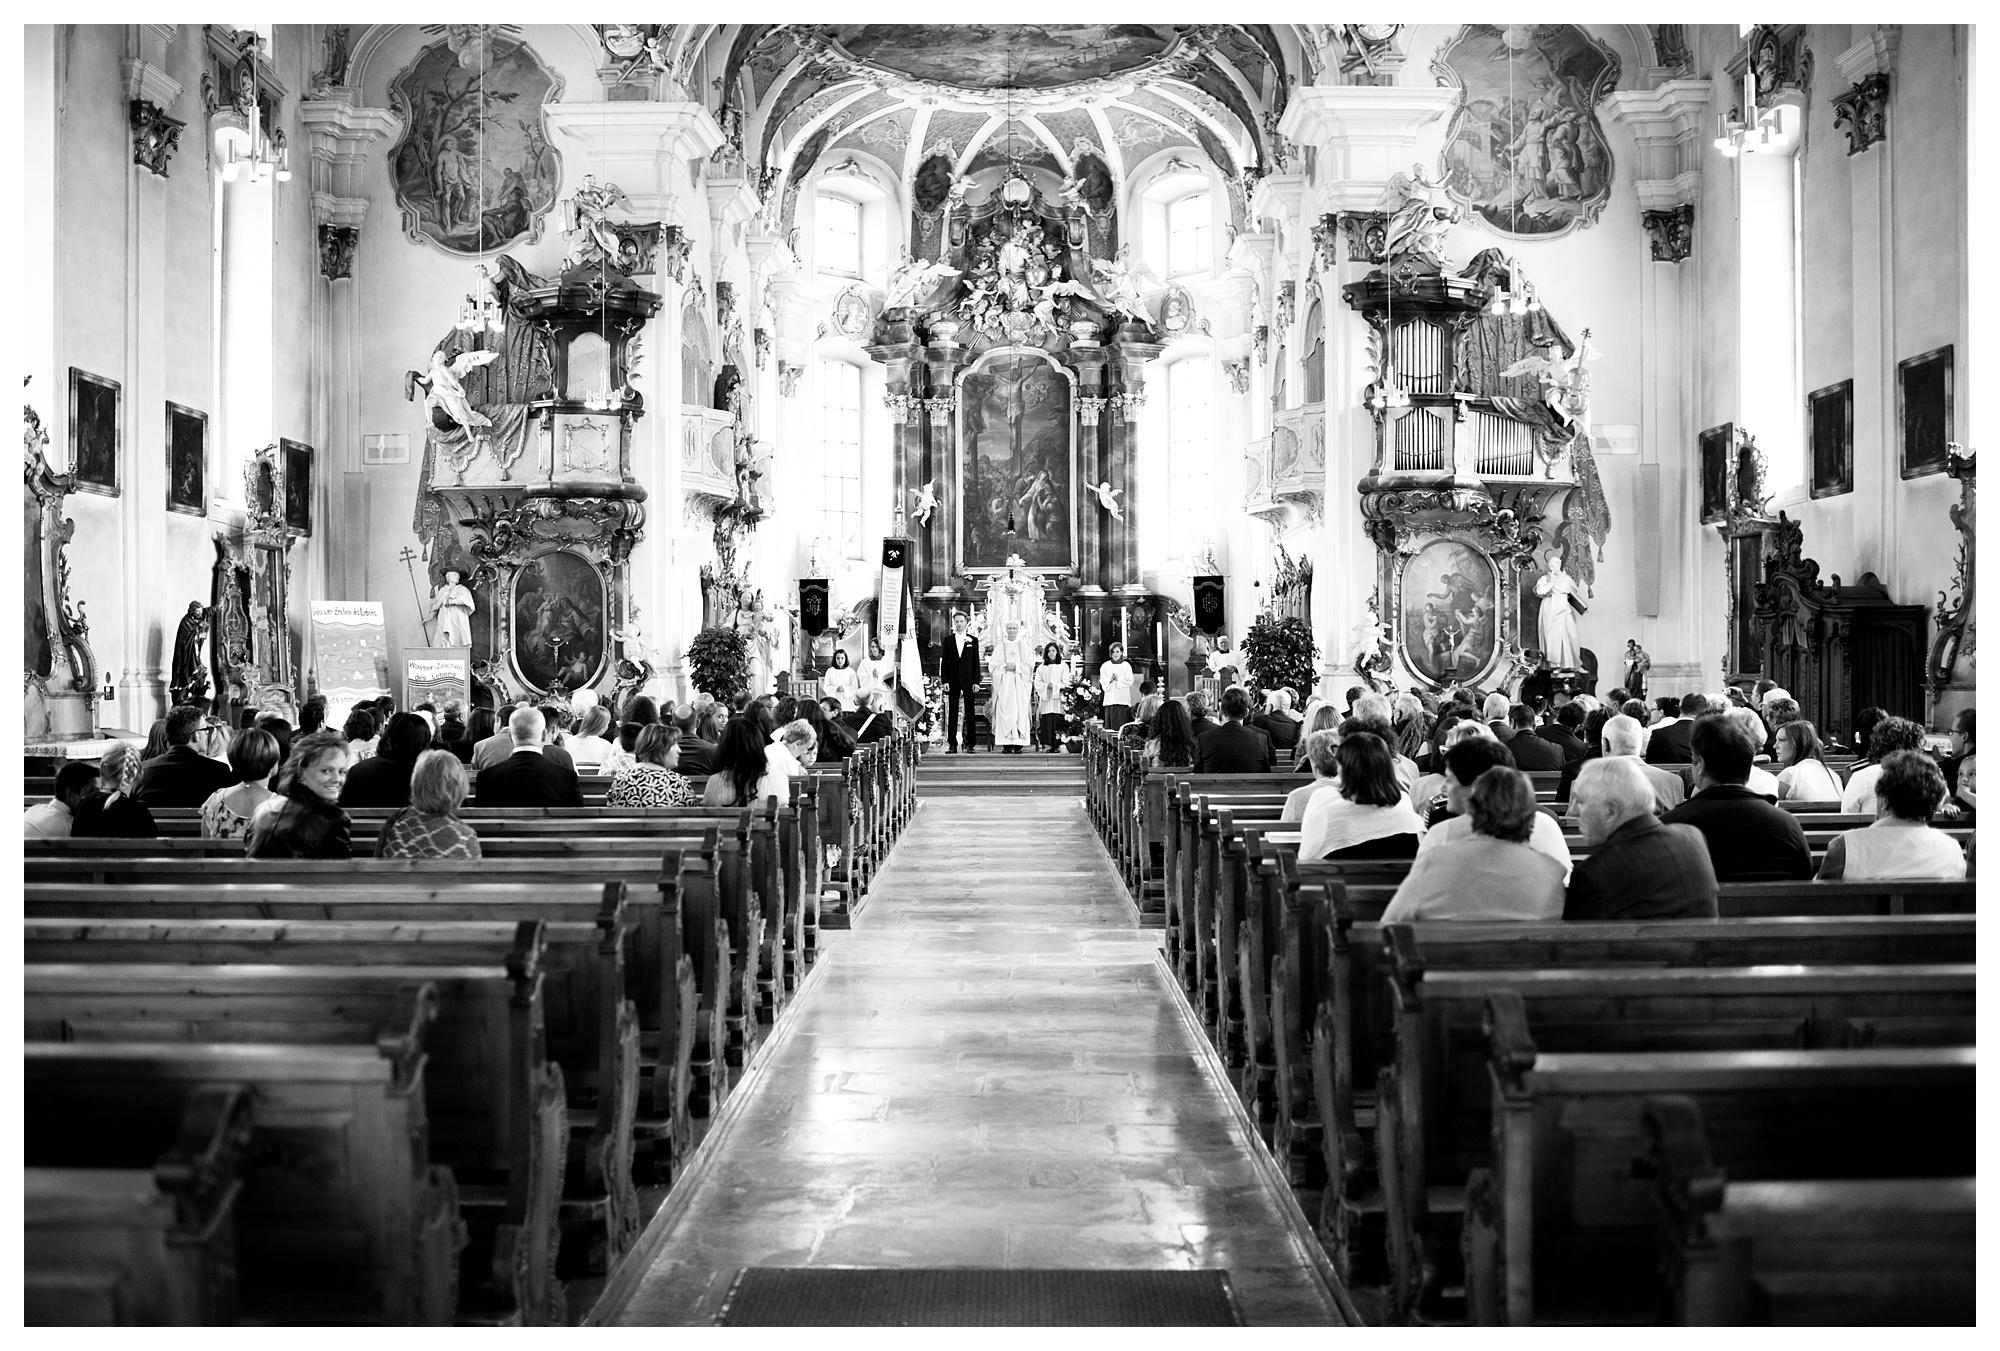 Fotograf Konstanz - Hochzeit Tanja Elmar Elmar Feuerbacher Photography Konstanz Messkirch Highlights 020 - Hochzeitsreportage von Tanja und Elmar im Schloss Meßkirch  - 124 -